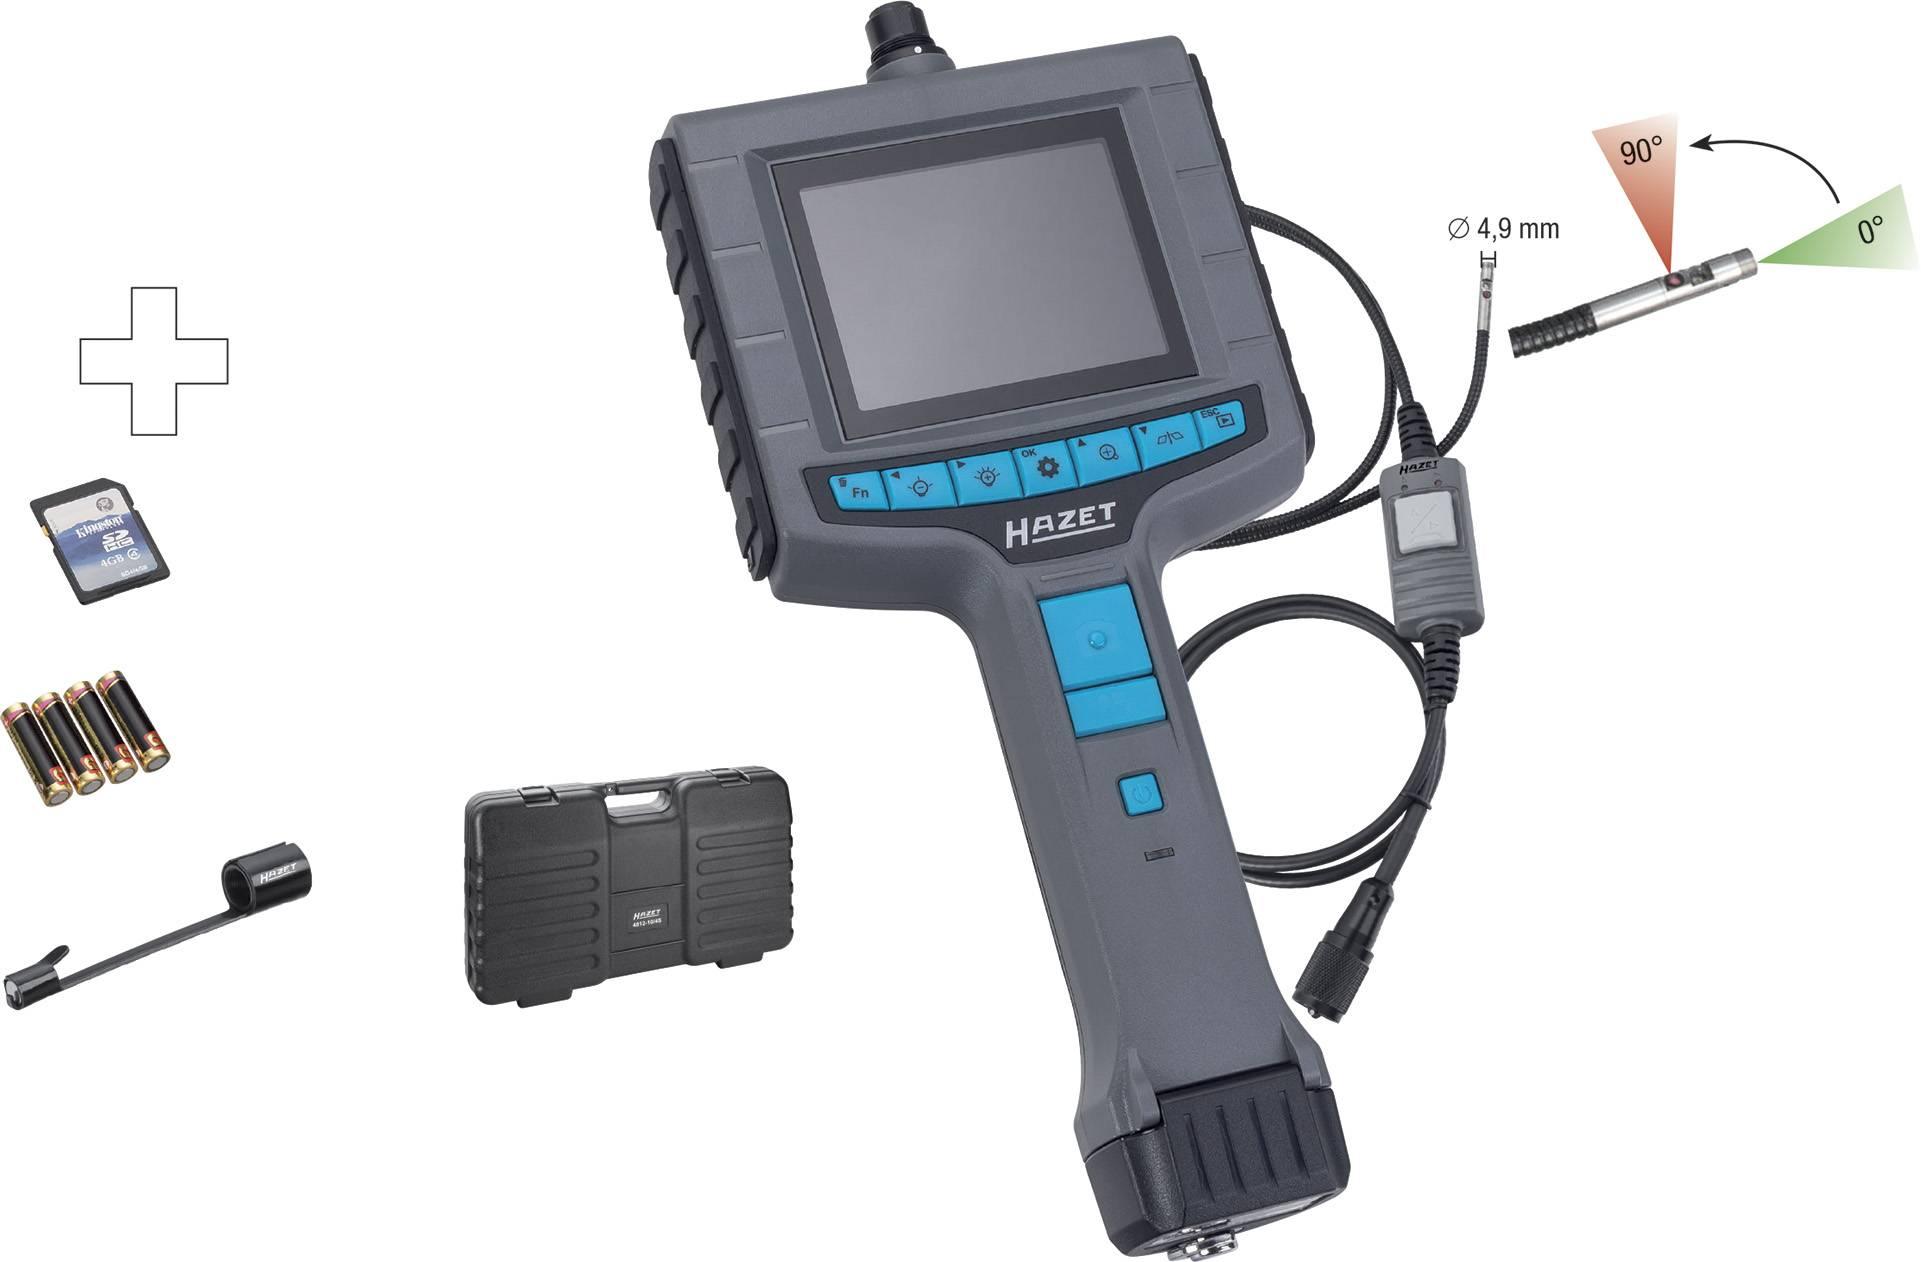 Endoskop kameras günstig online kaufen bei conrad